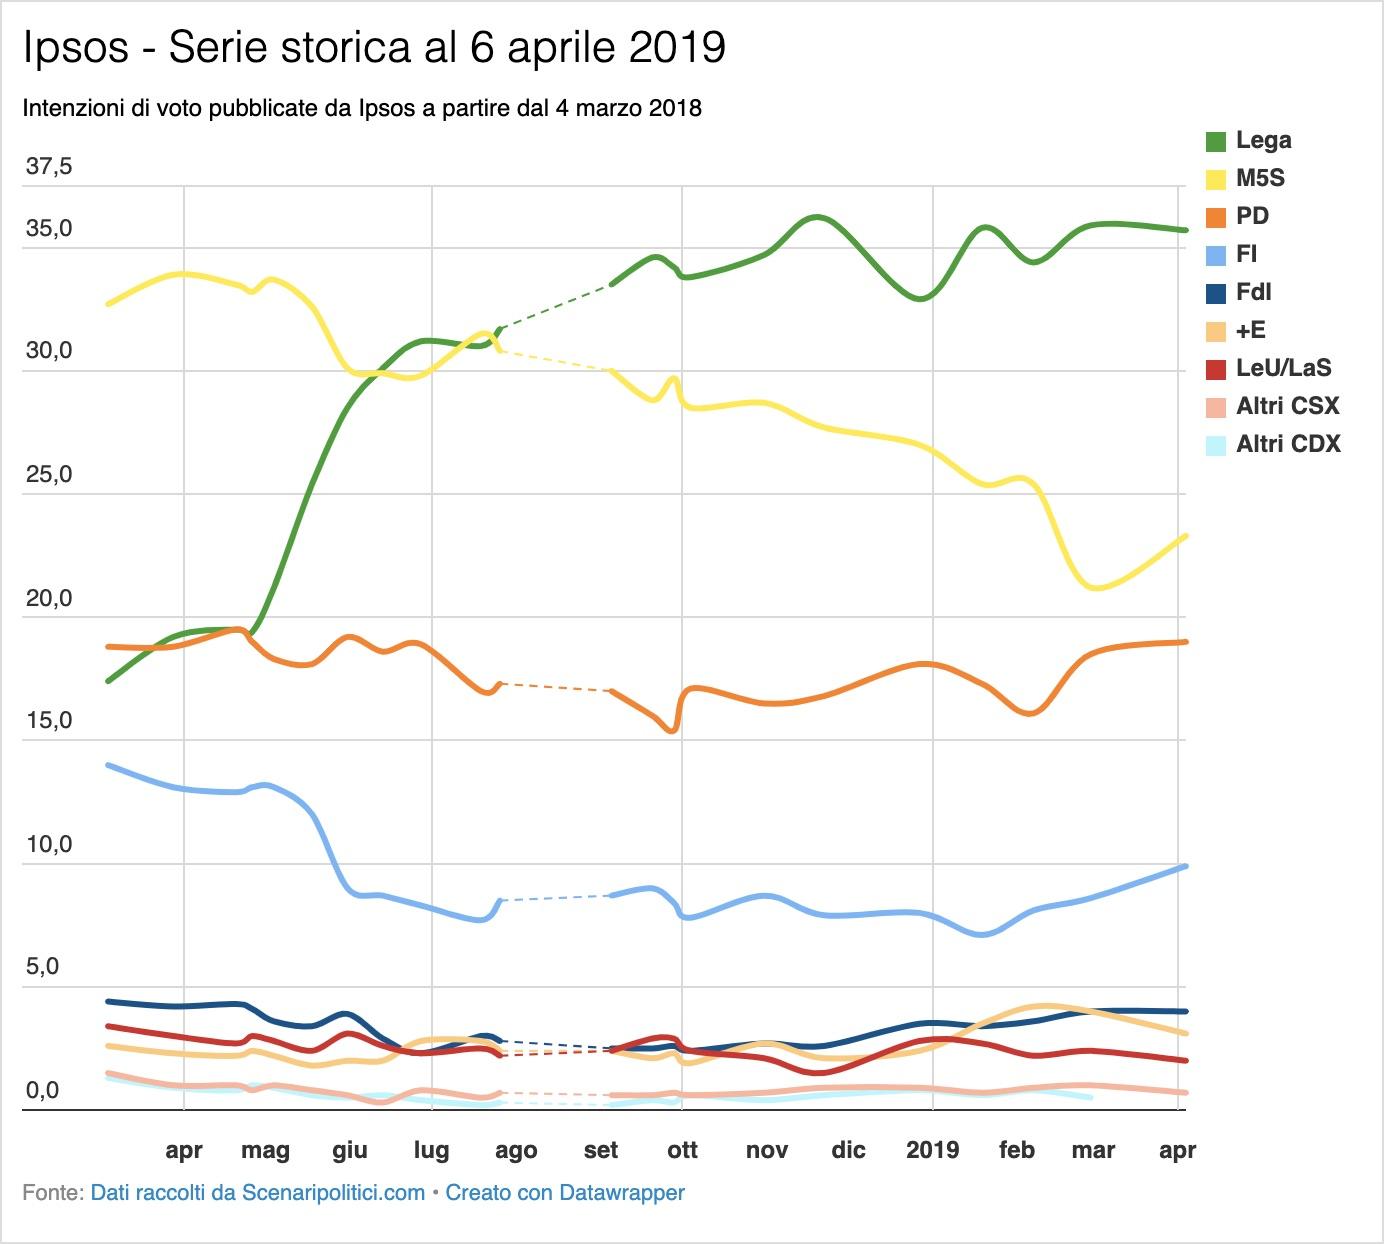 Sondaggio Ipsos 6 aprile 2019